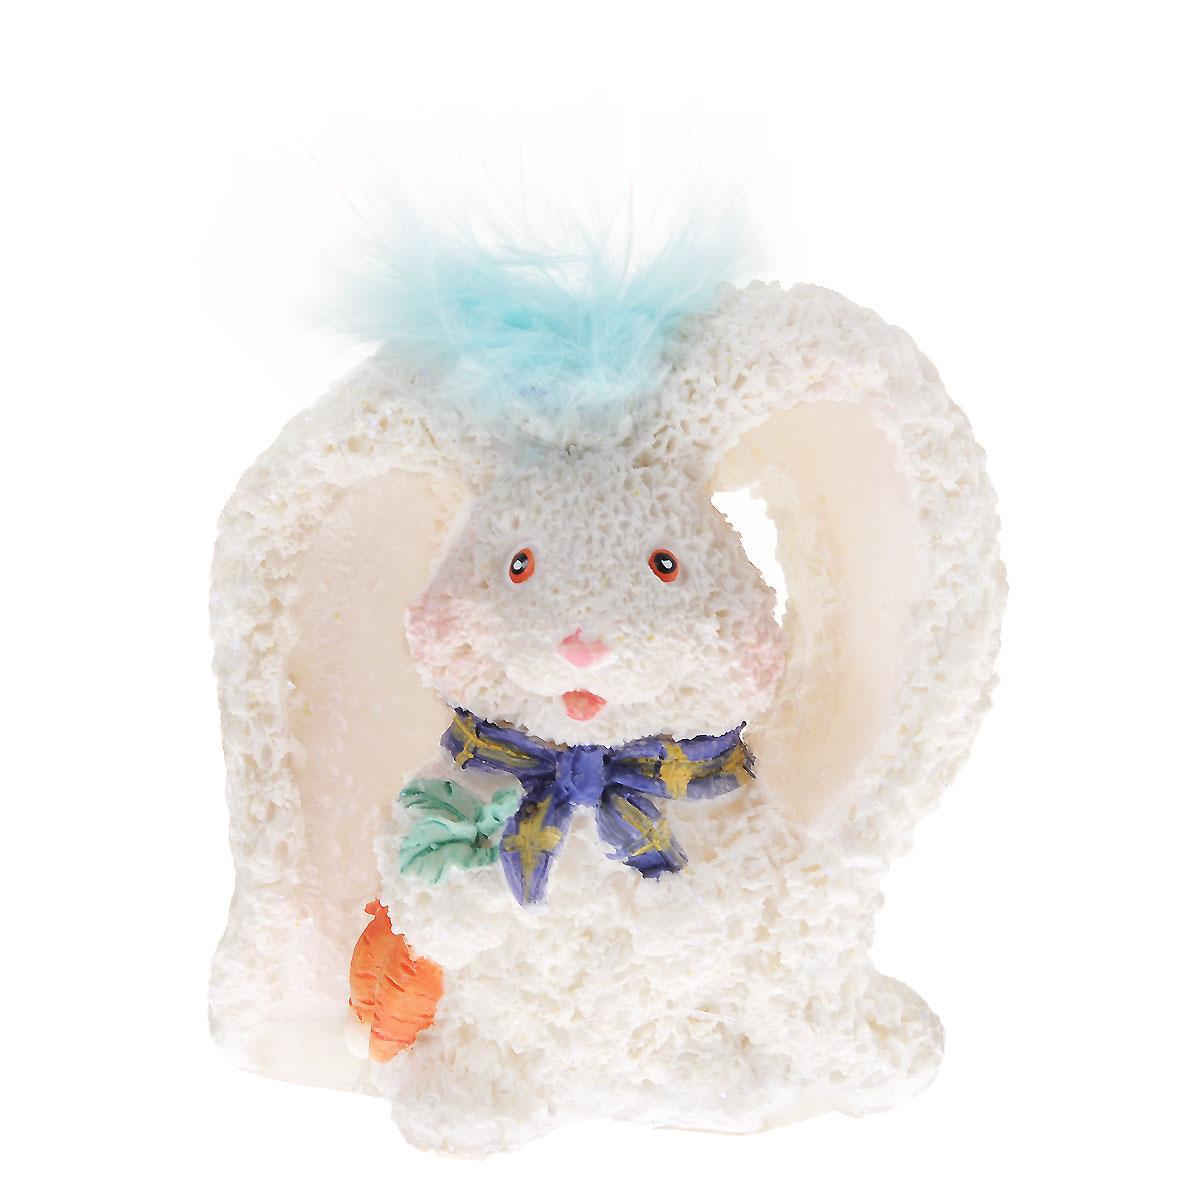 Декоративная статуэтка Home Queen Кролик-ушан, цвет: белый, голубой, высота 6,5 см57763Очаровательная статуэтка Home Queen Кролик-ушан станет оригинальным подарком для всех любителей стильных вещей. Она выполнена из полирезины и перьев, в виде кролика с большими ушами. Изысканный сувенир станет прекрасным дополнением к интерьеру. Вы можете поставить статуэтку в любом месте, где она будет удачно смотреться, и радовать глаз. Размер статуэтки: 6,5 см х 6 см х 5 см.